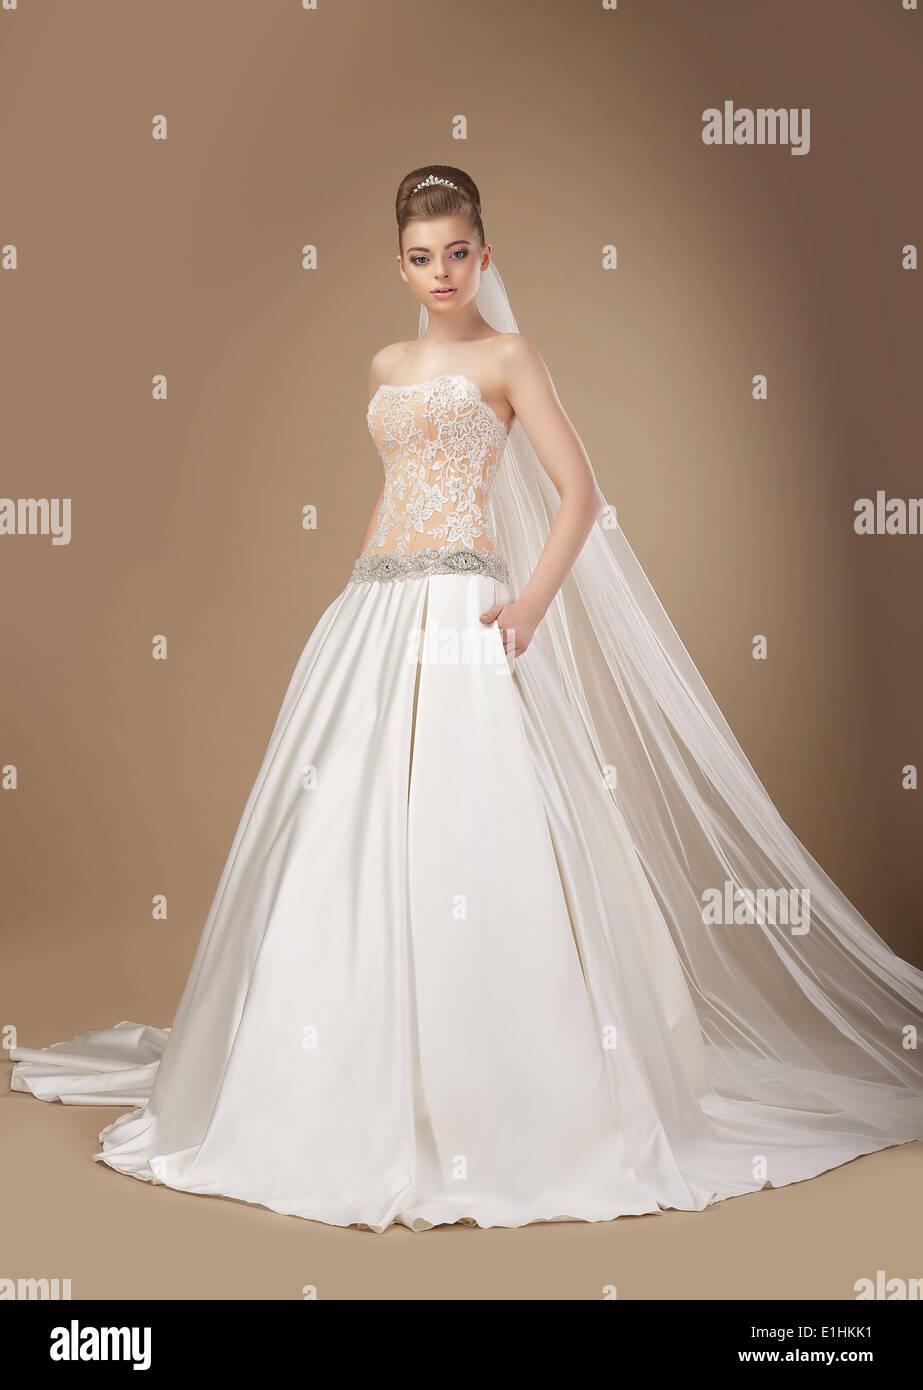 e037916c23b9 Sofisticata donna slanciata in lungo abito elegante in posa Immagini Stock